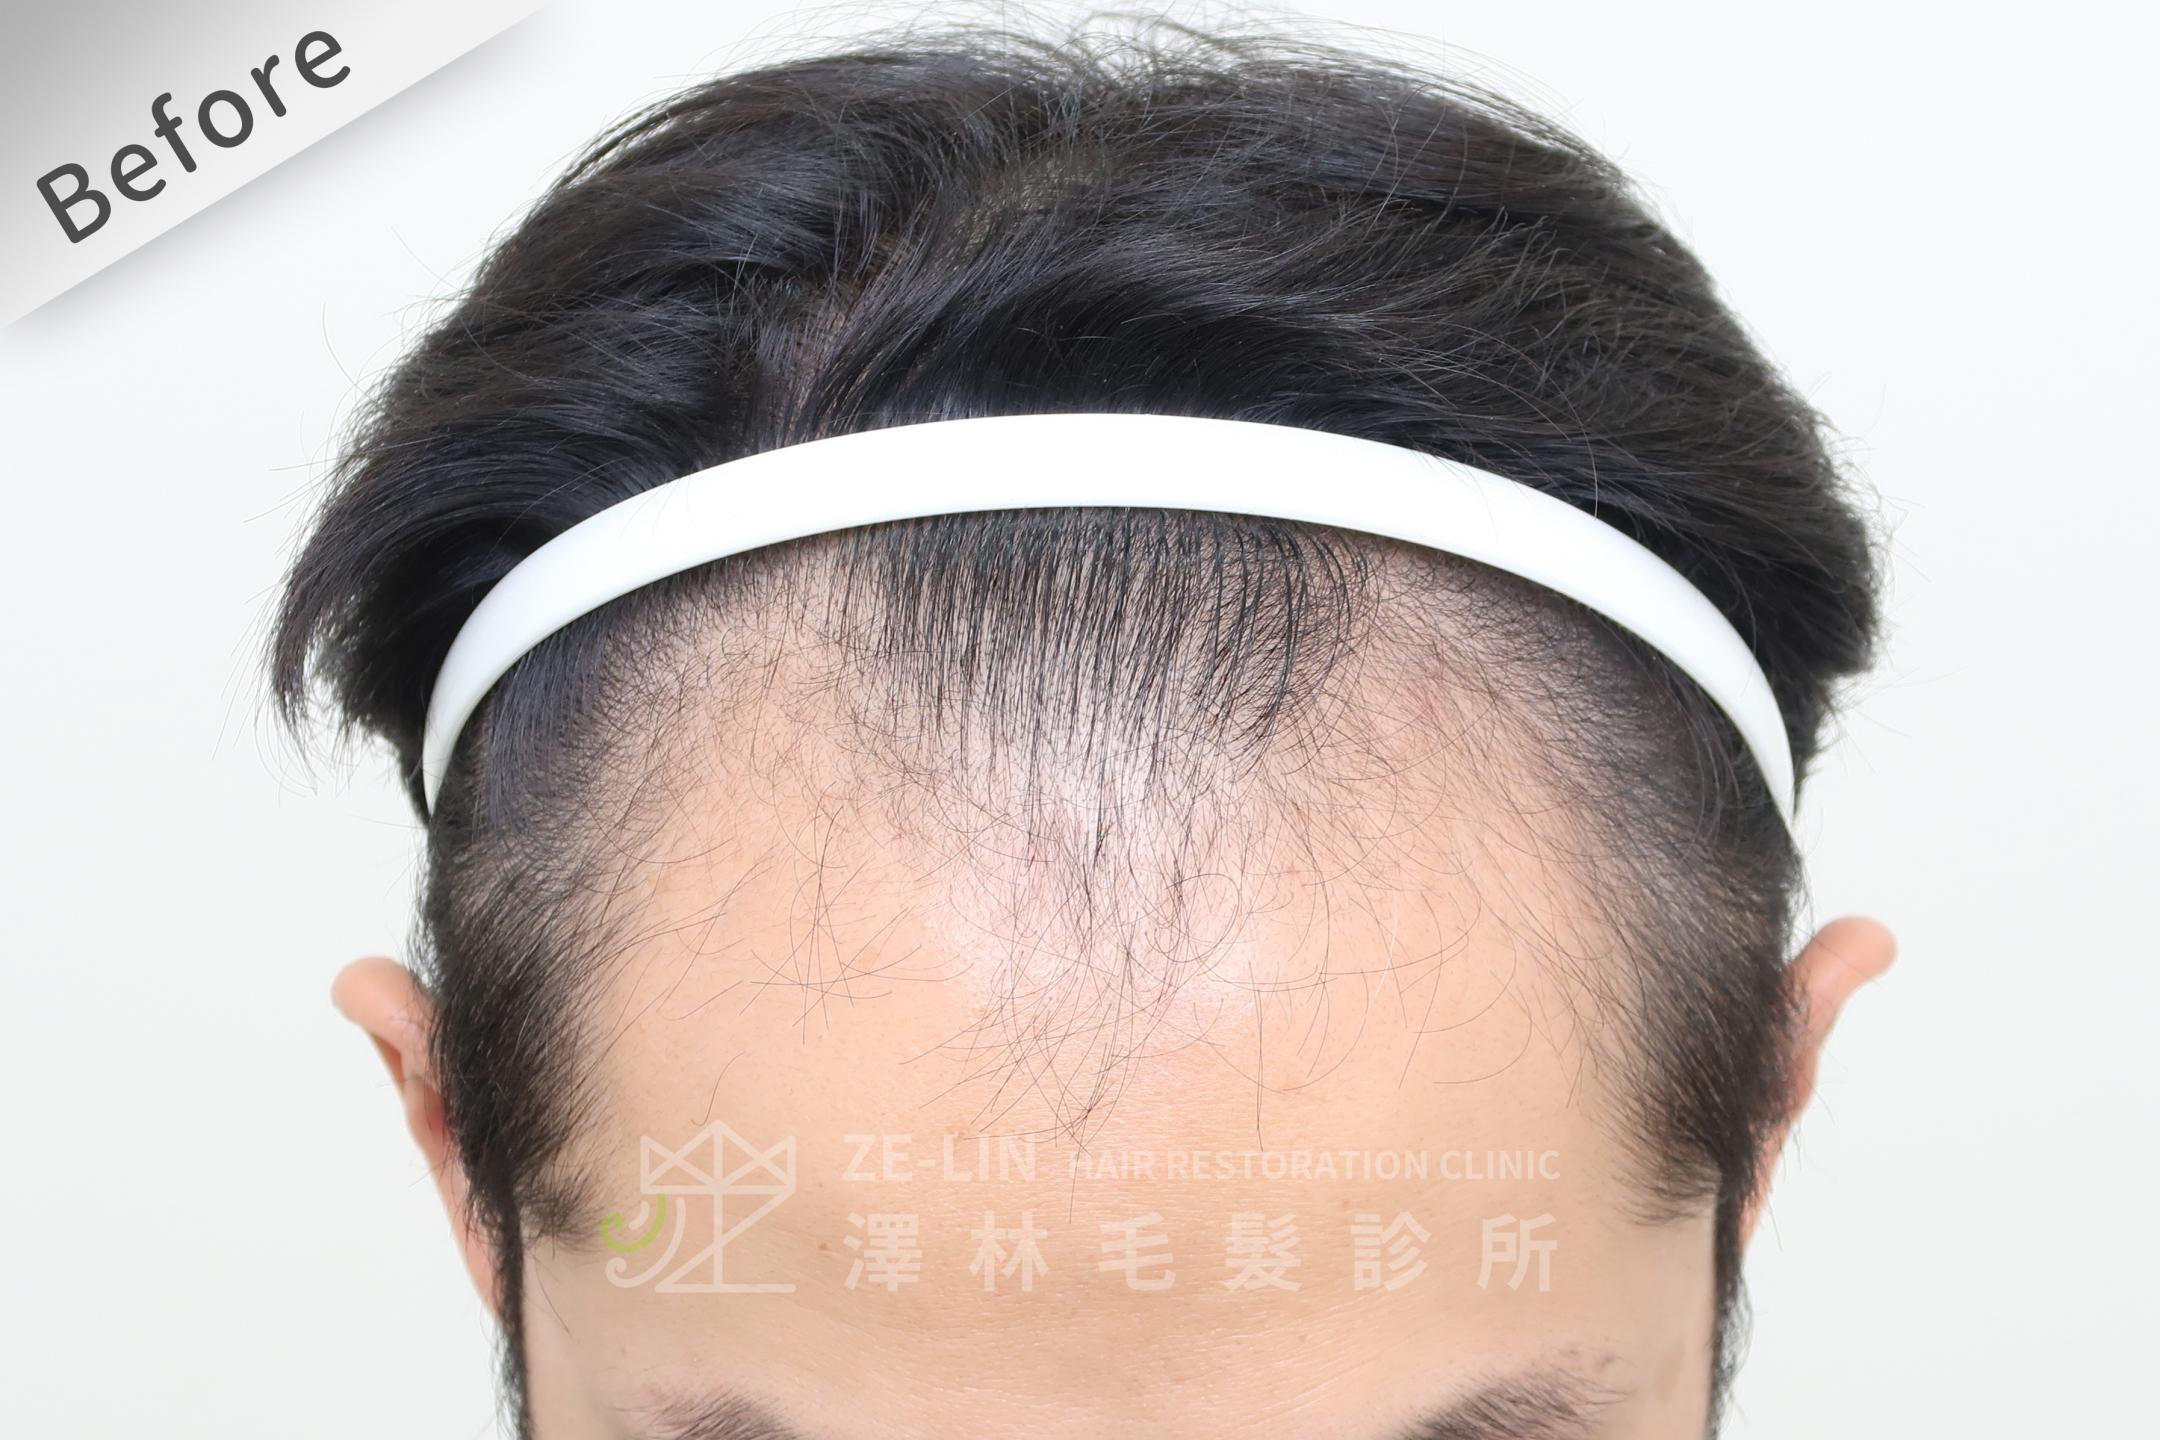 M型禿FUE植髮手術推薦案例心得分享術前